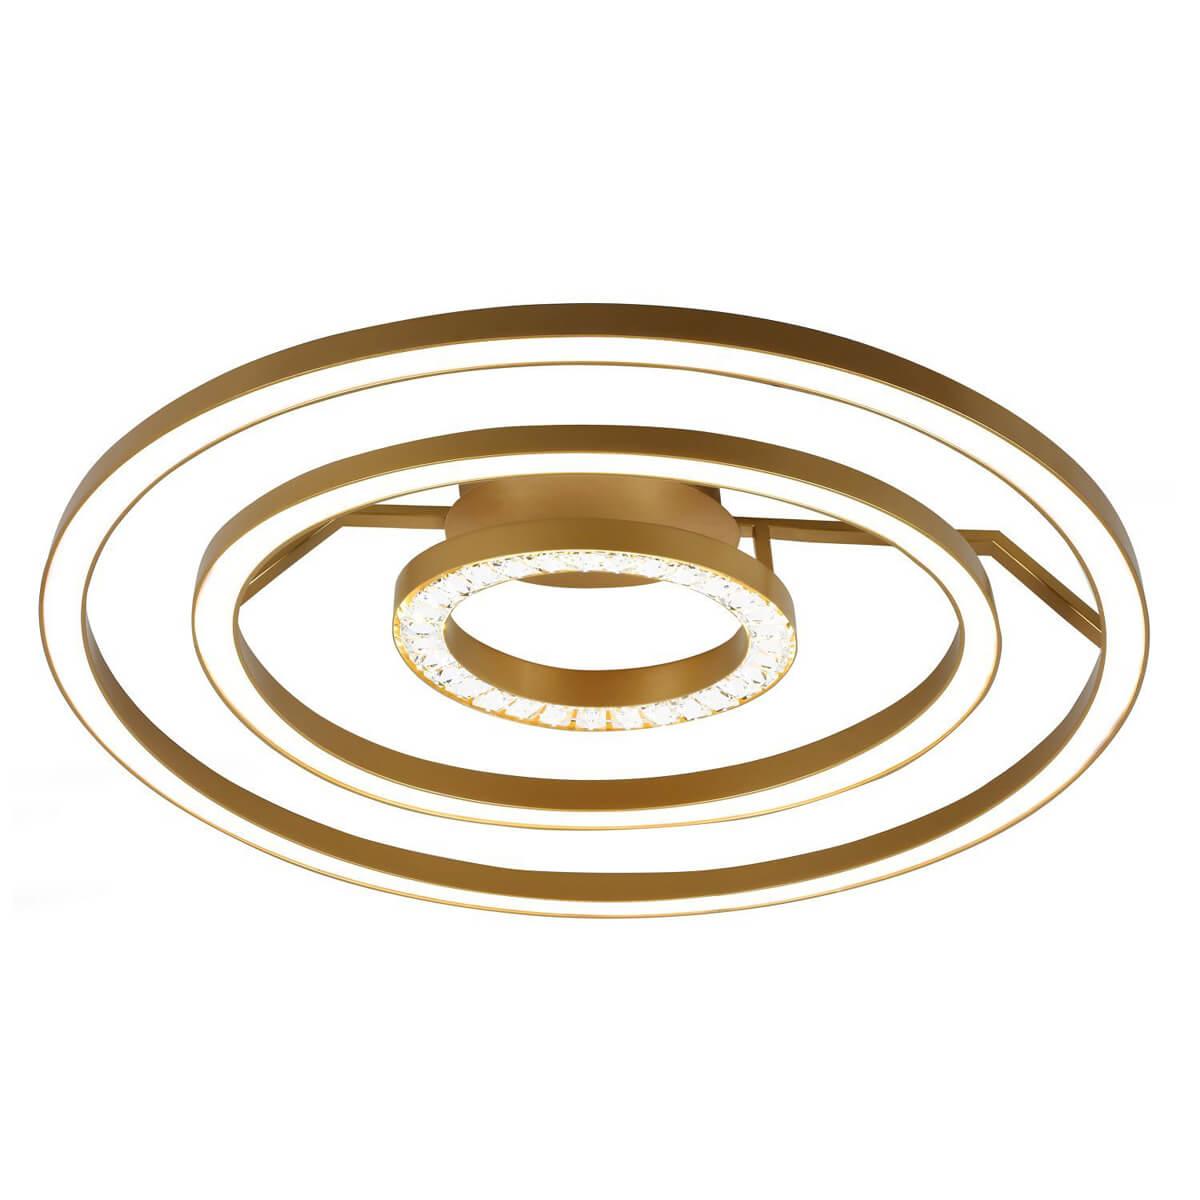 все цены на Потолочный светодиодный светильник Favourite Sanori 2546-3U онлайн